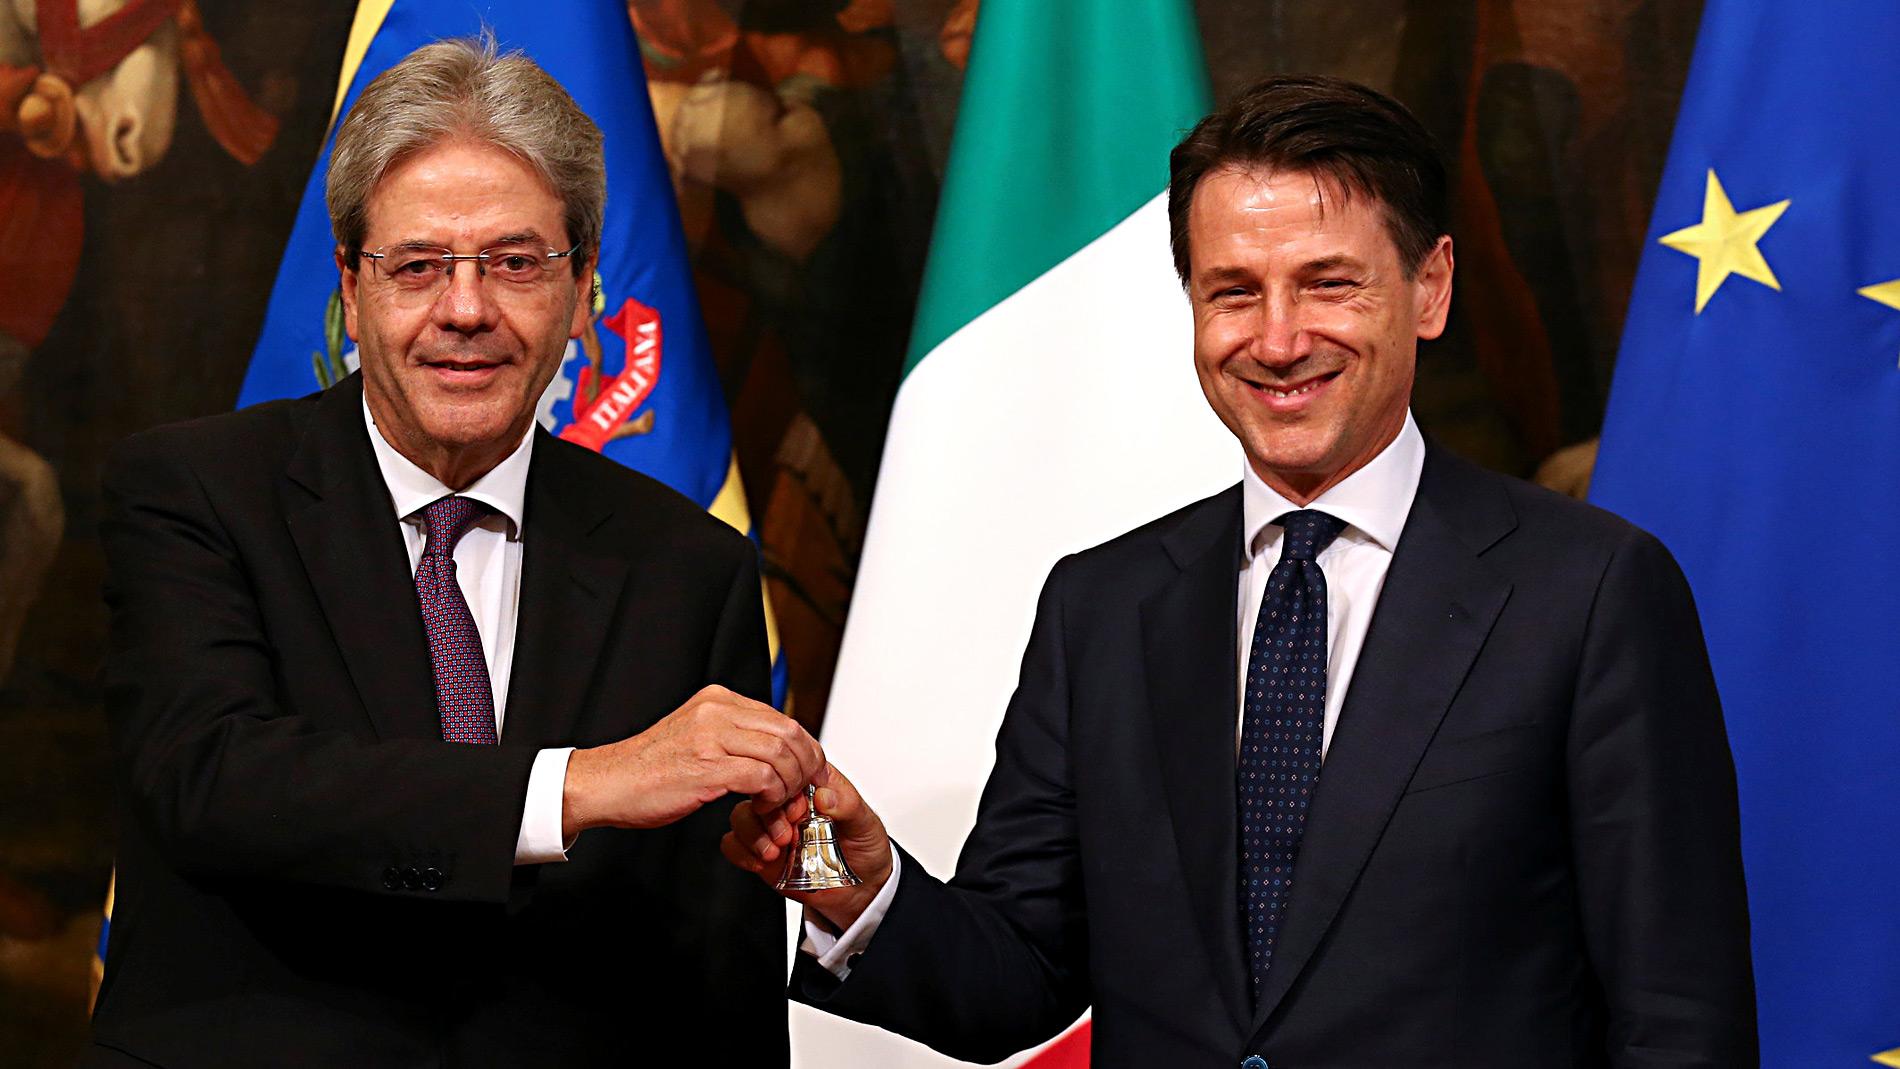 Italia gobierno el gobierno euroesc ptico del movimiento for Noticias del gobierno